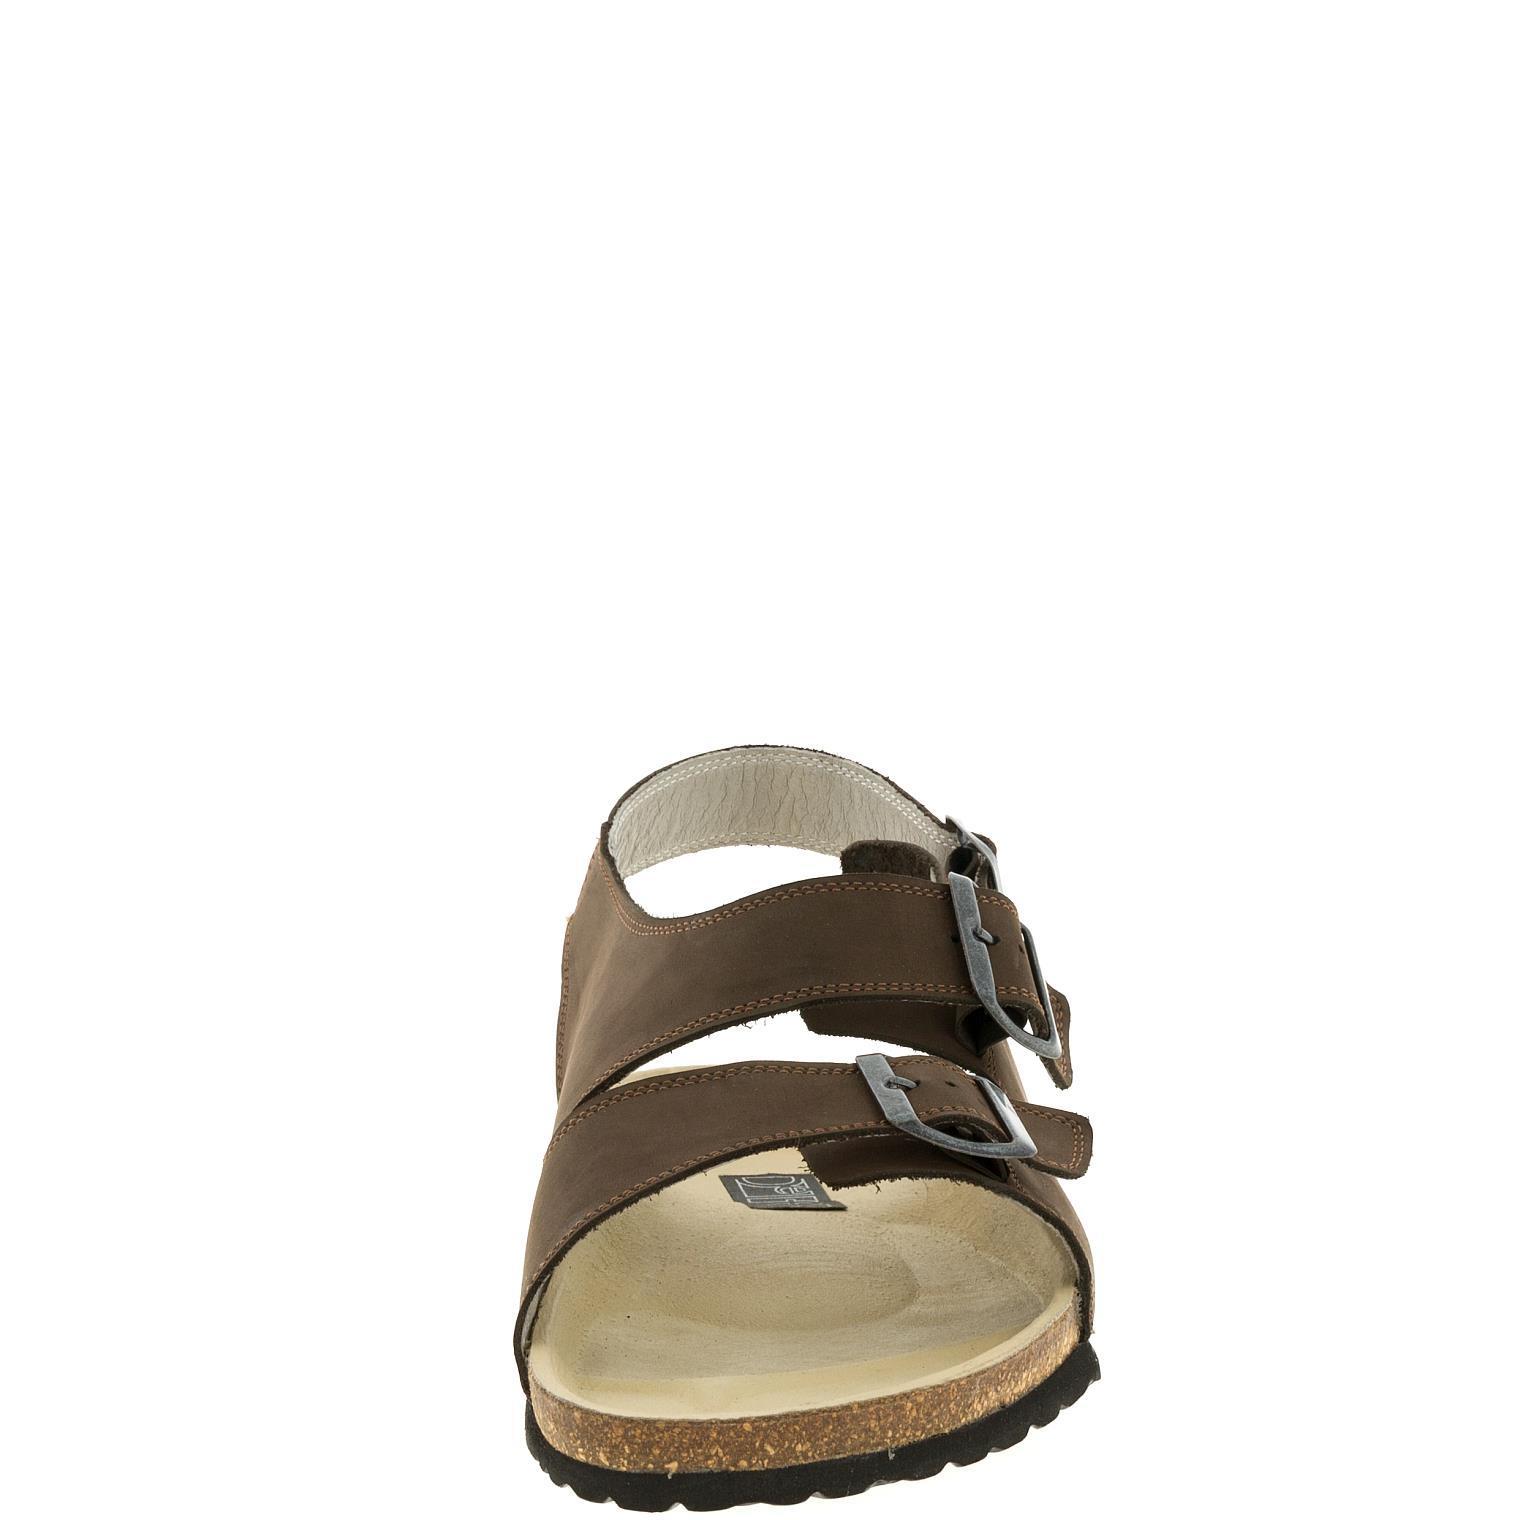 588107 сандалии мужские коричневые больших размеров марки Делфино